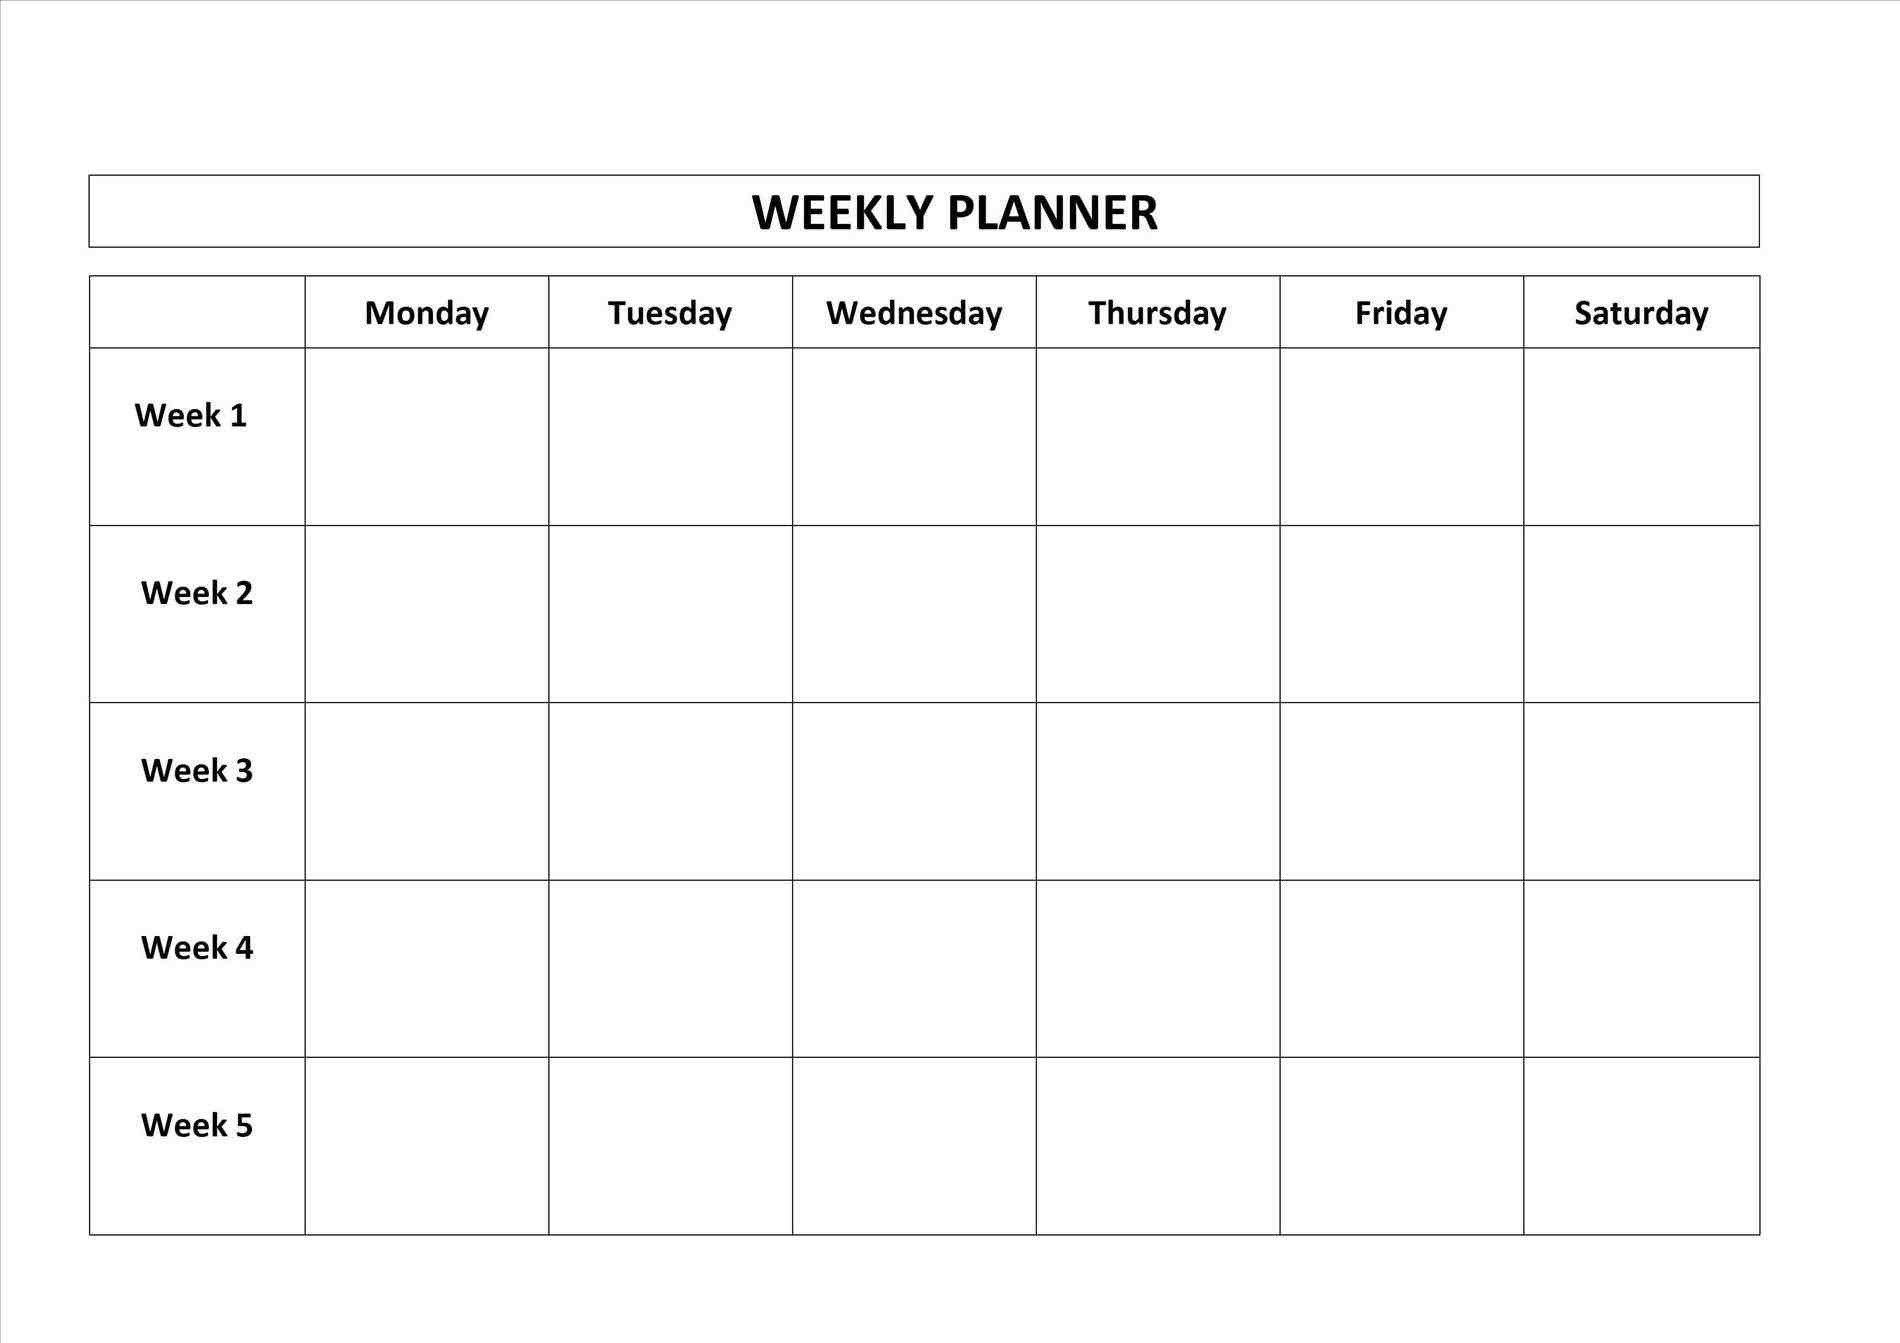 Blank Monday Through Friday Template | Calendar Template Lined Monday Through Friday